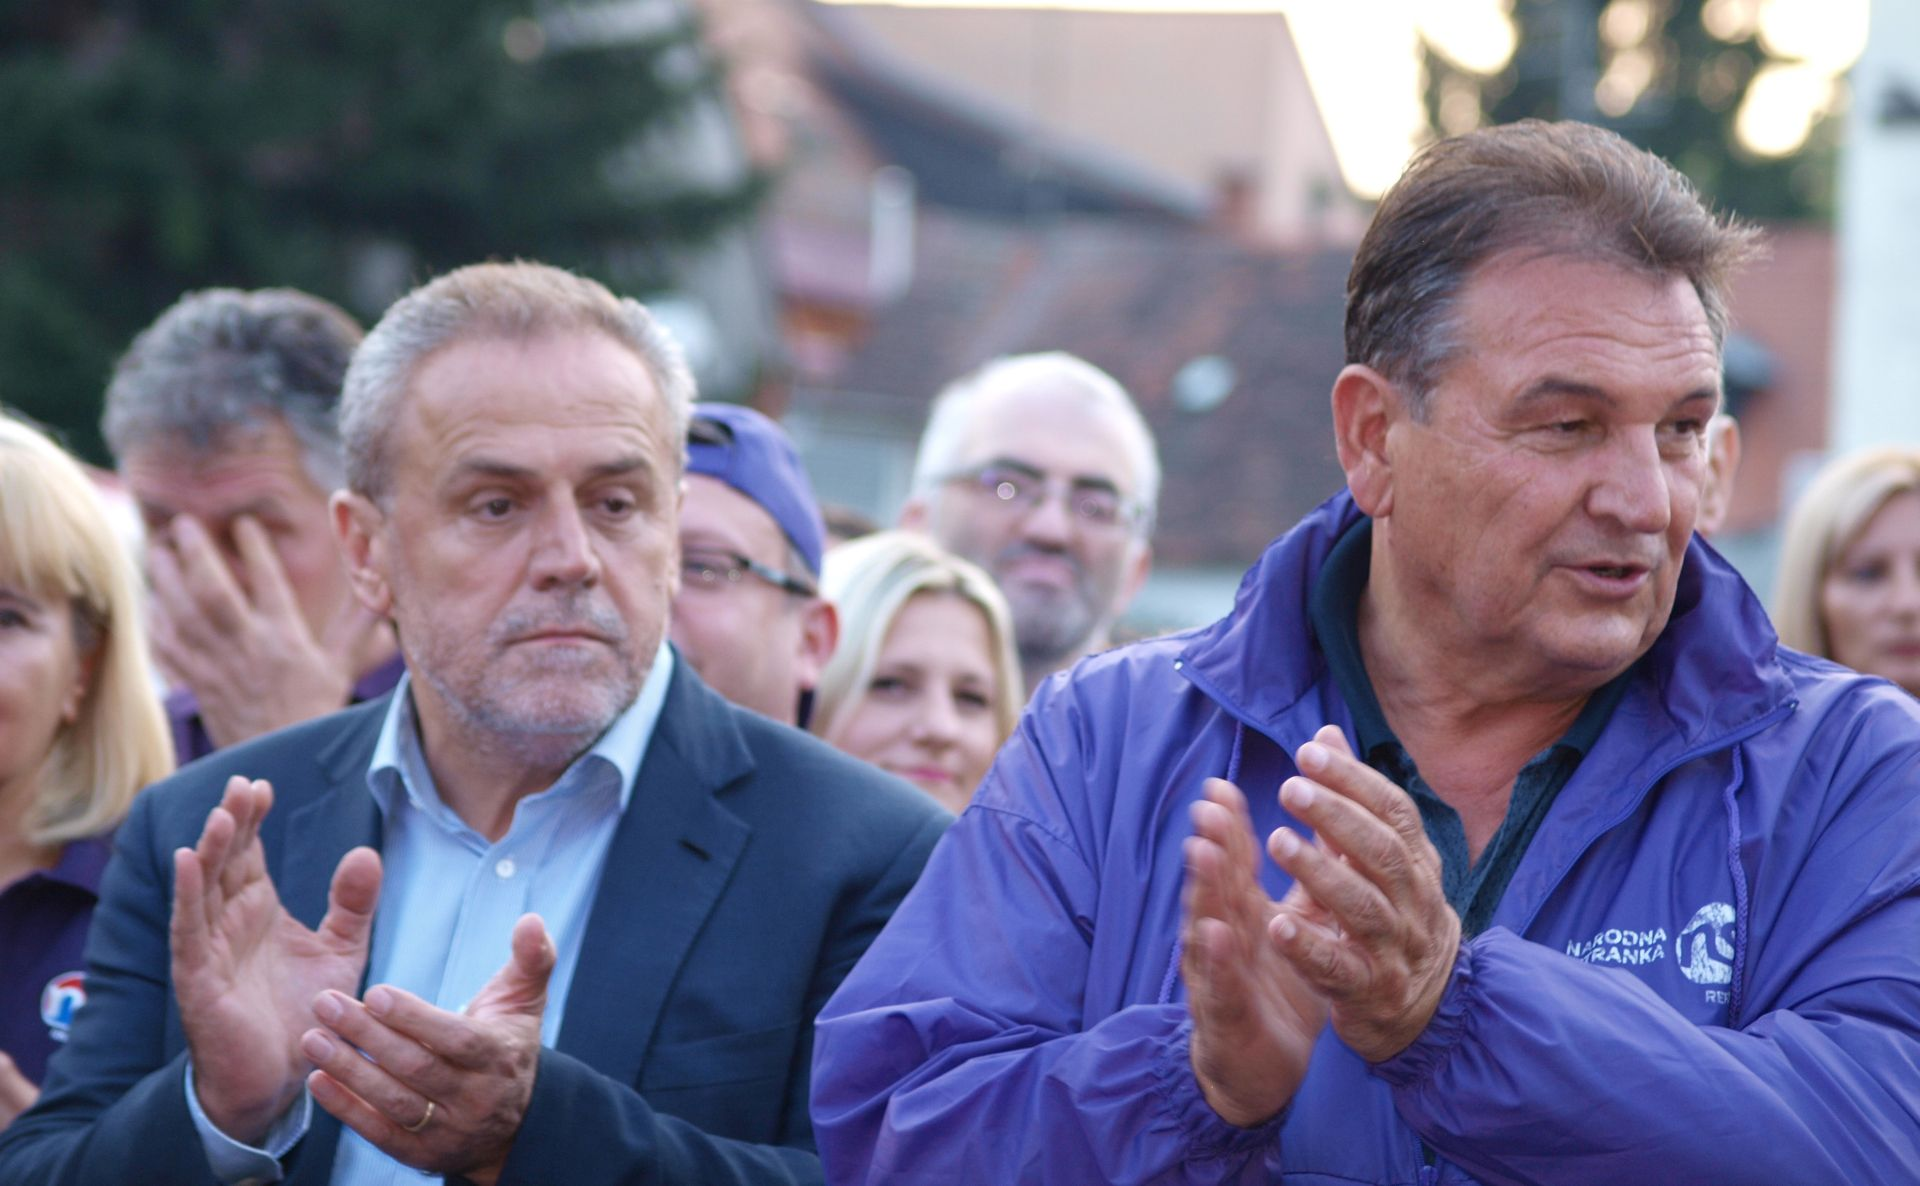 Bandić najavio da će iz javne službe otpustiti HDZ-ove i SDP-ove poslušnike